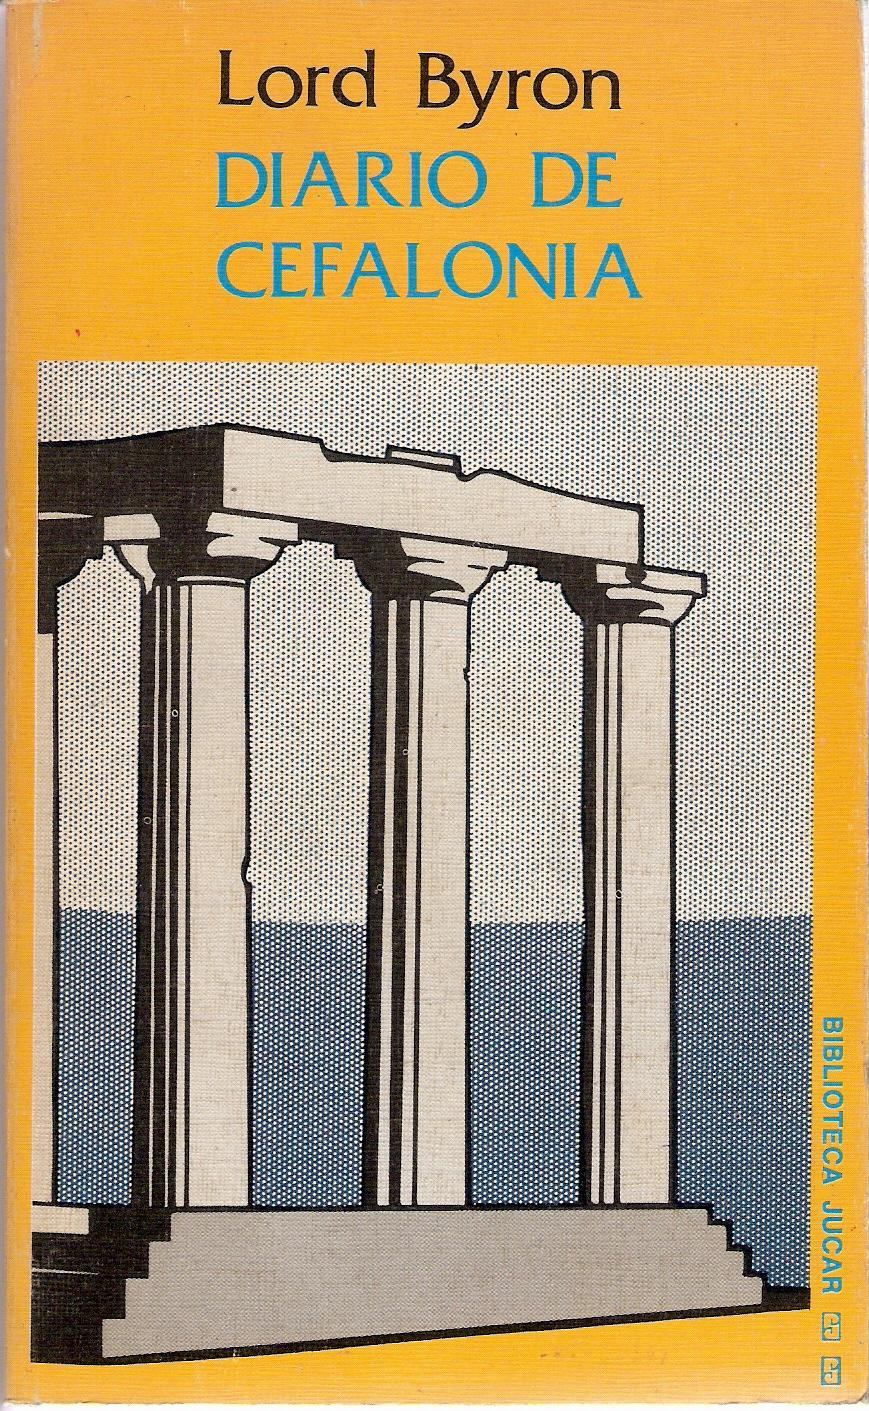 Diario de Cefalonia y otros escritos